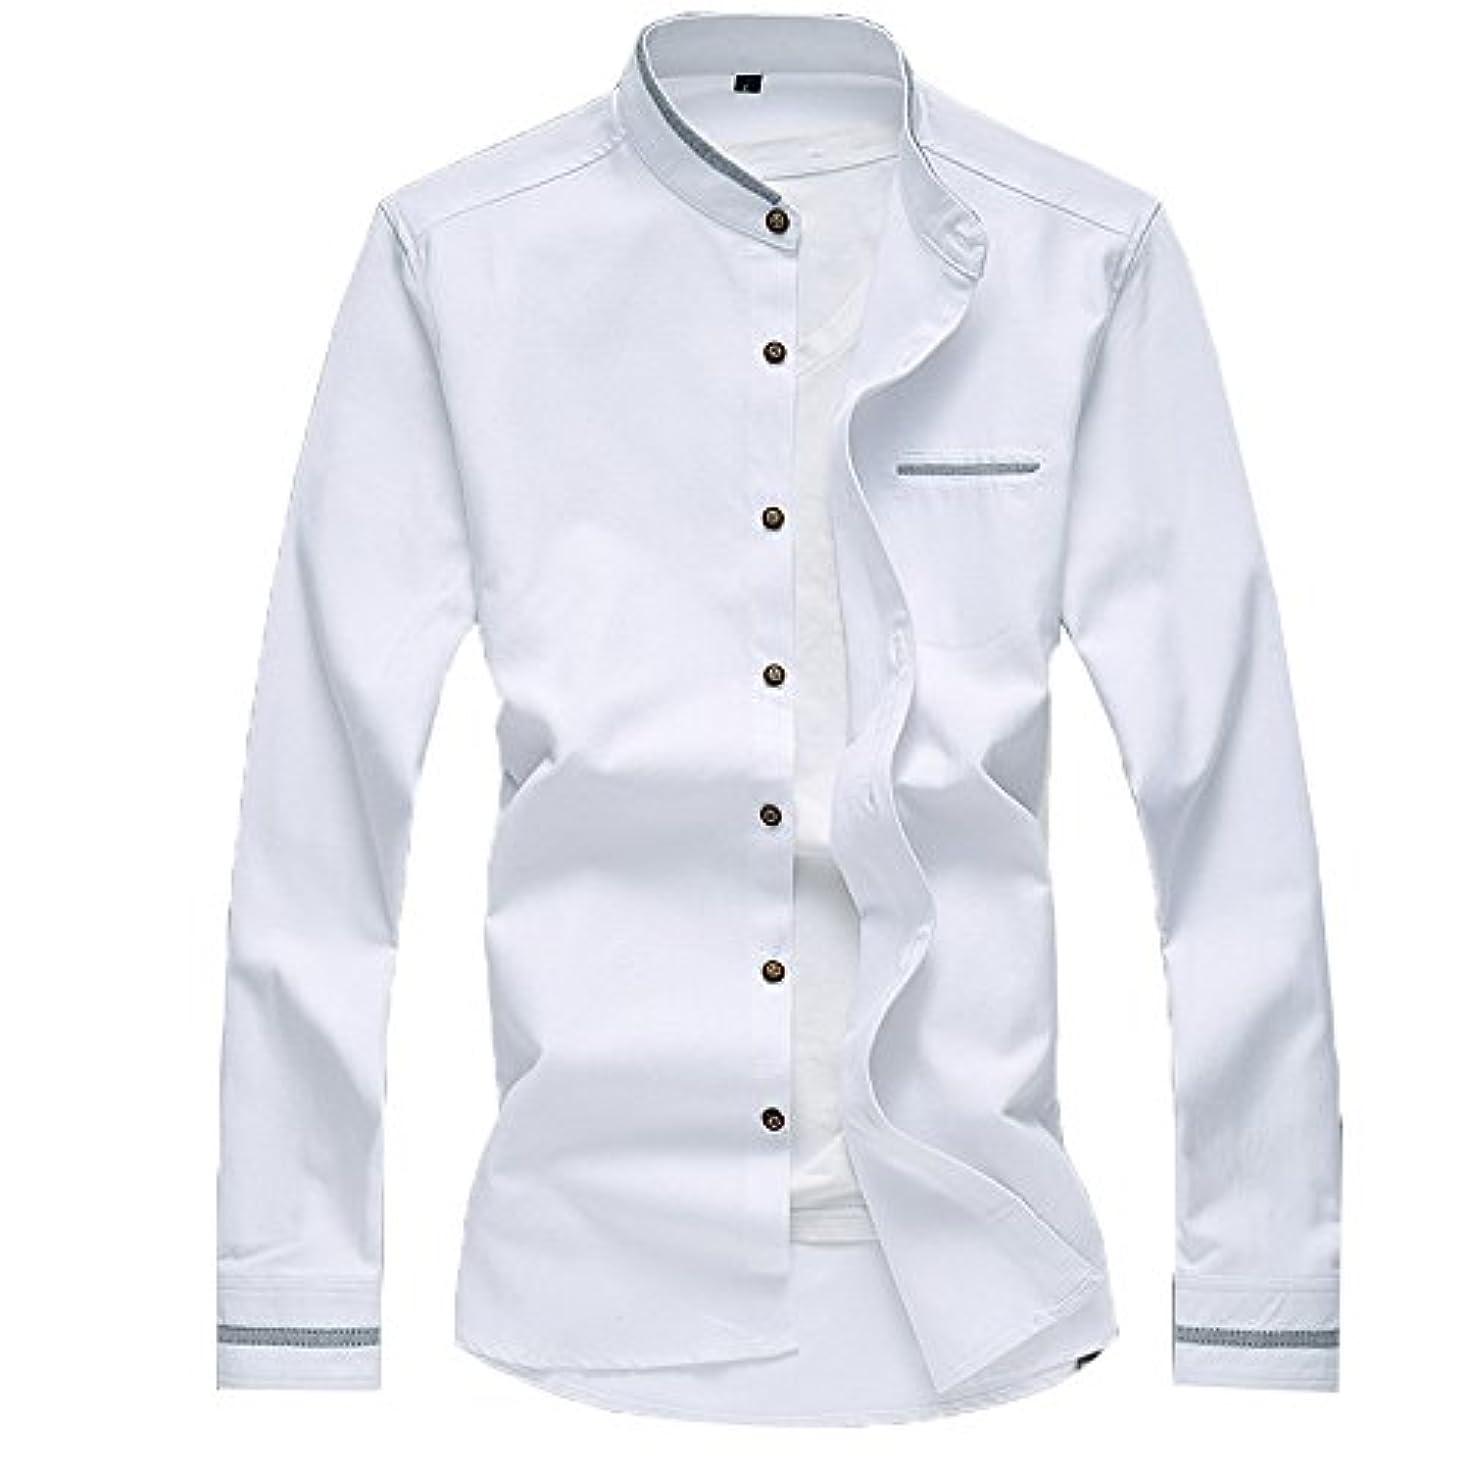 軽減するシリング送ったVictory Man(ビクトリー メンズ) デニムシャツ メンズ ワークシャツ 無地 長袖 シンプル ビジネス カジュアル 大きサイズ ファション